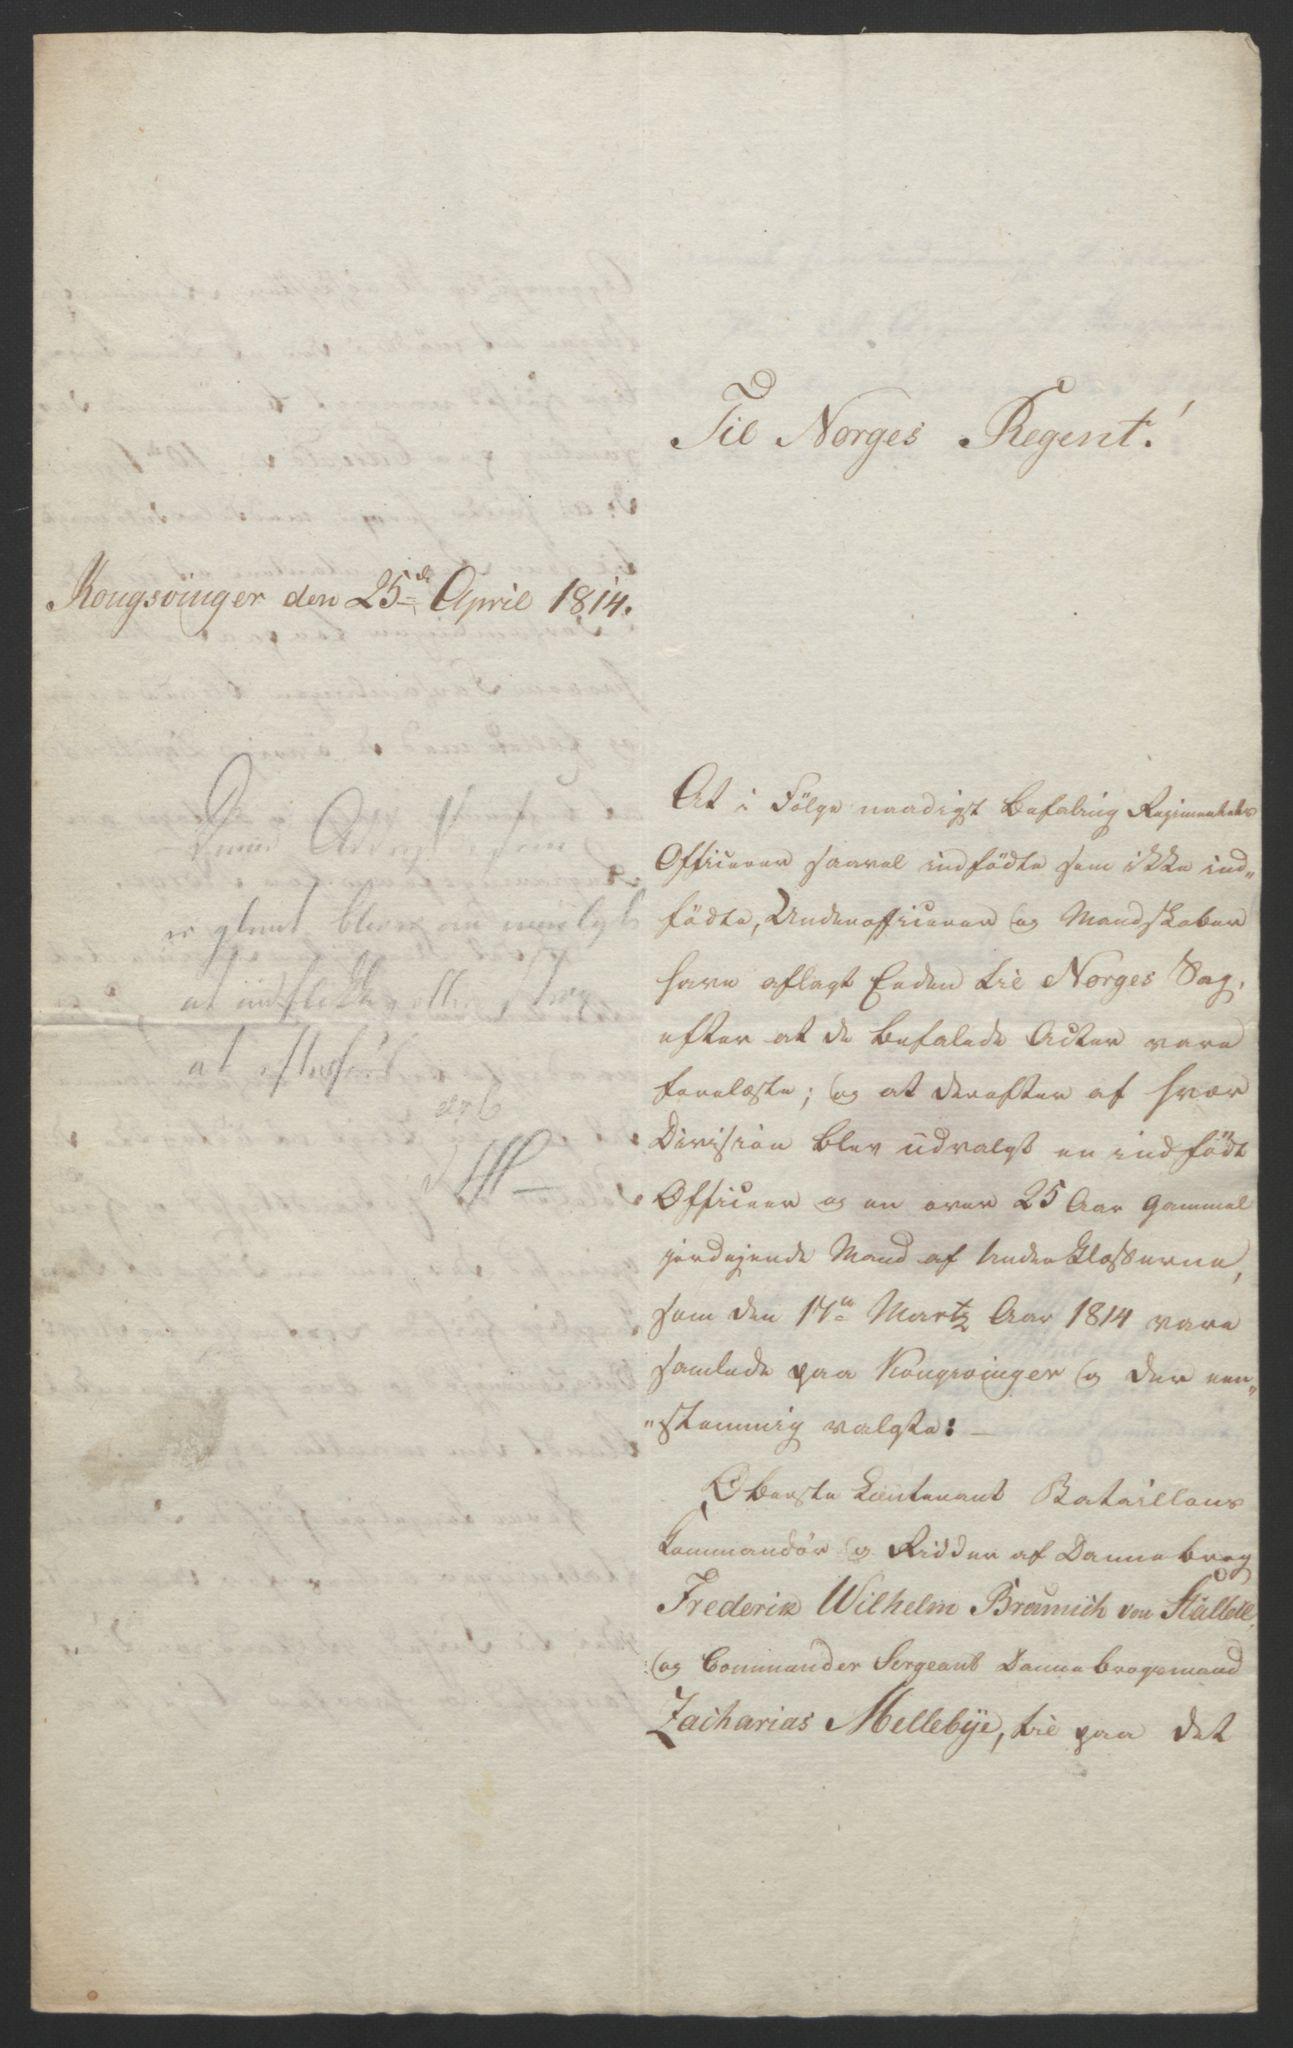 RA, Statsrådssekretariatet, D/Db/L0007: Fullmakter for Eidsvollsrepresentantene i 1814. , 1814, s. 69